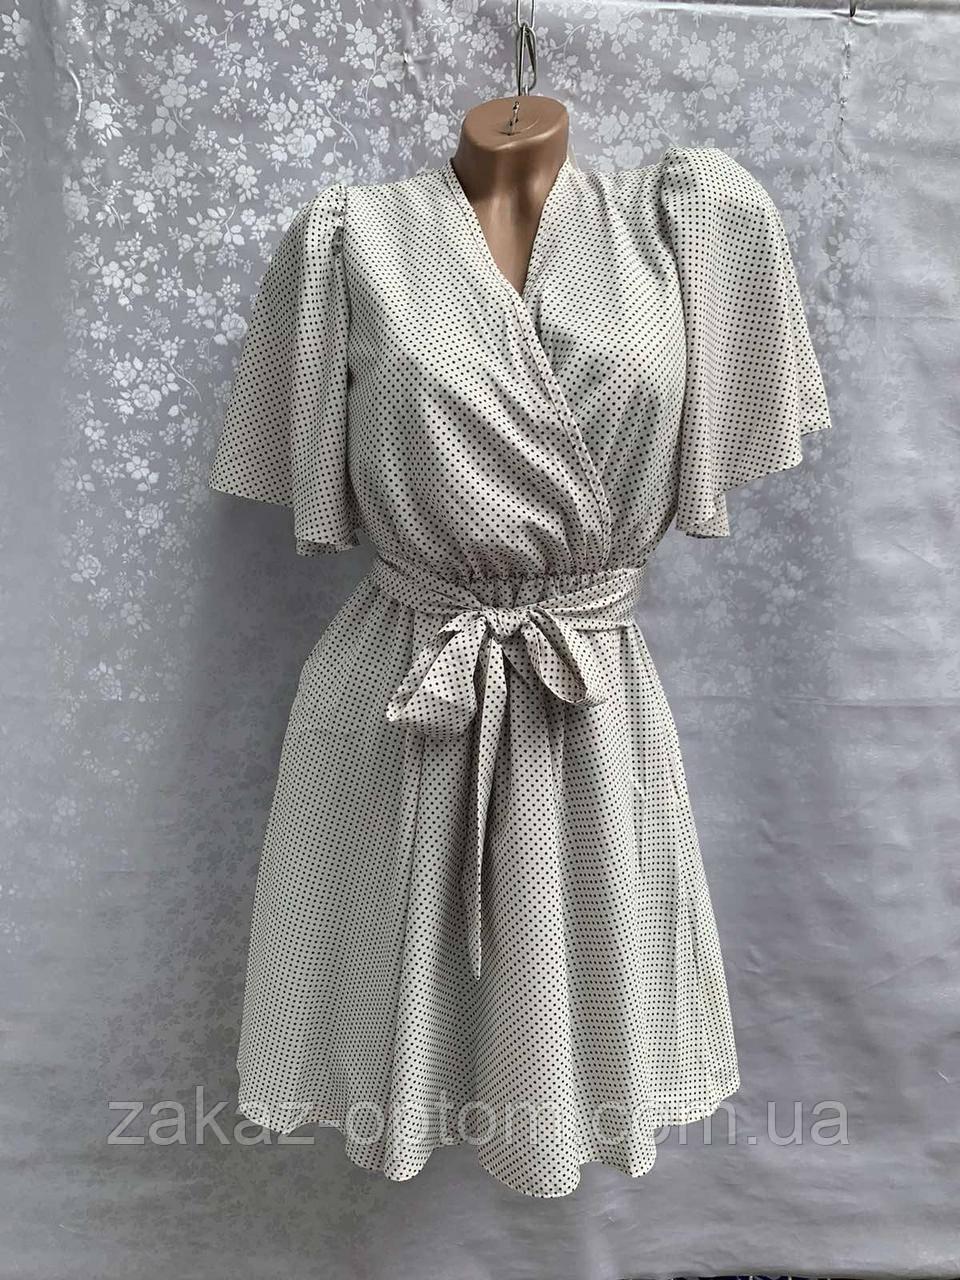 Платье женское Софт оптом (42-48) Украина-73301